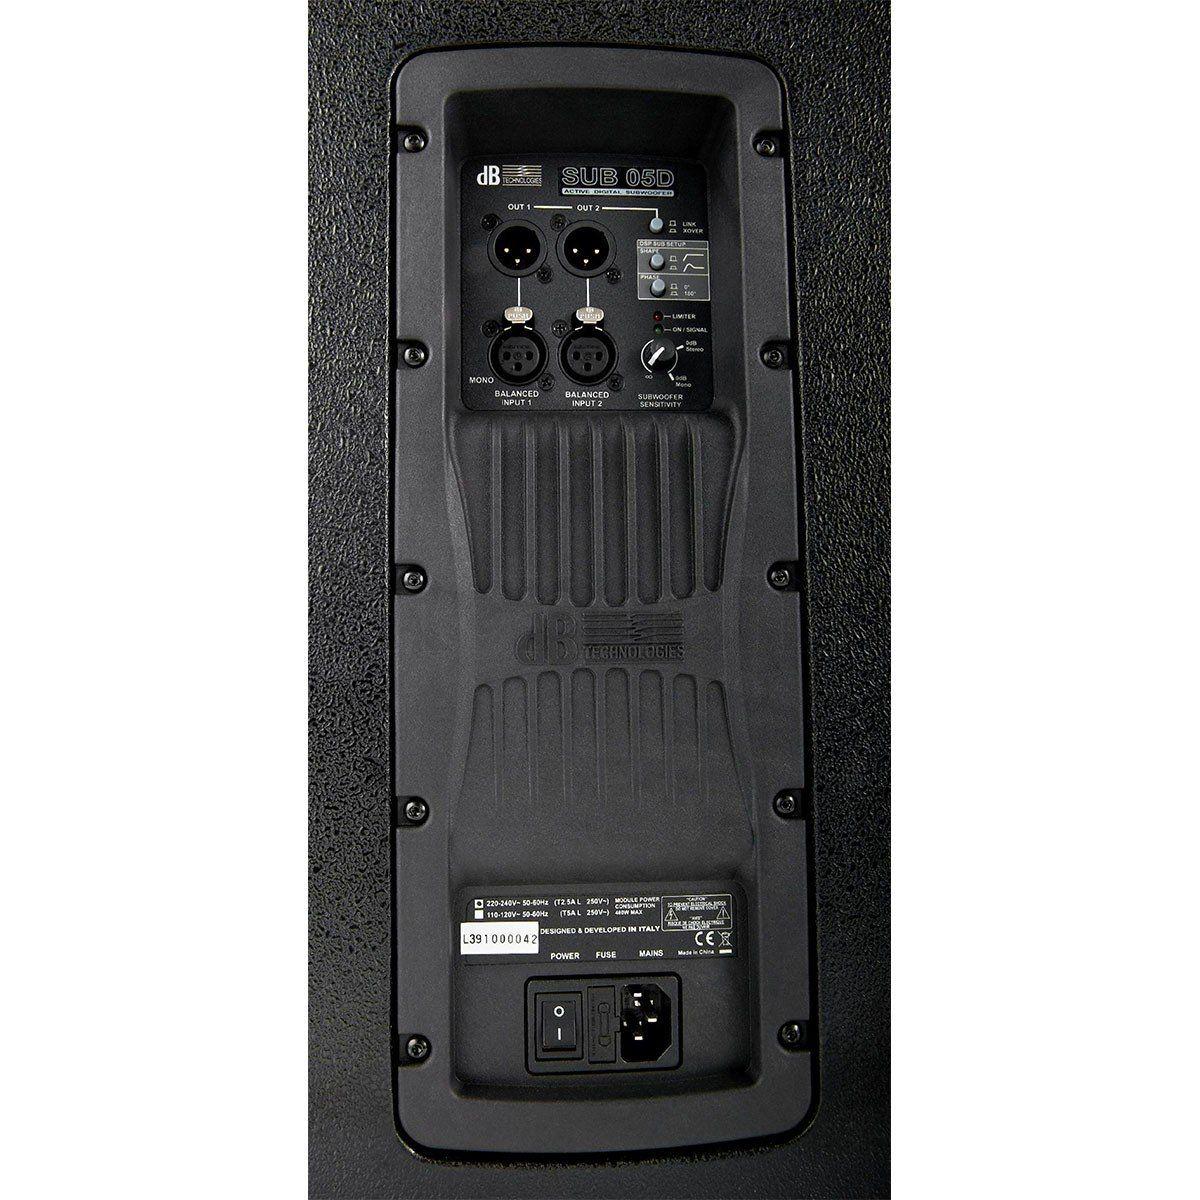 dB Technologies Sub 05D Caixa de Som SUB-05-D Subwoofer Ativo 800W Ideal para Ao Vivo